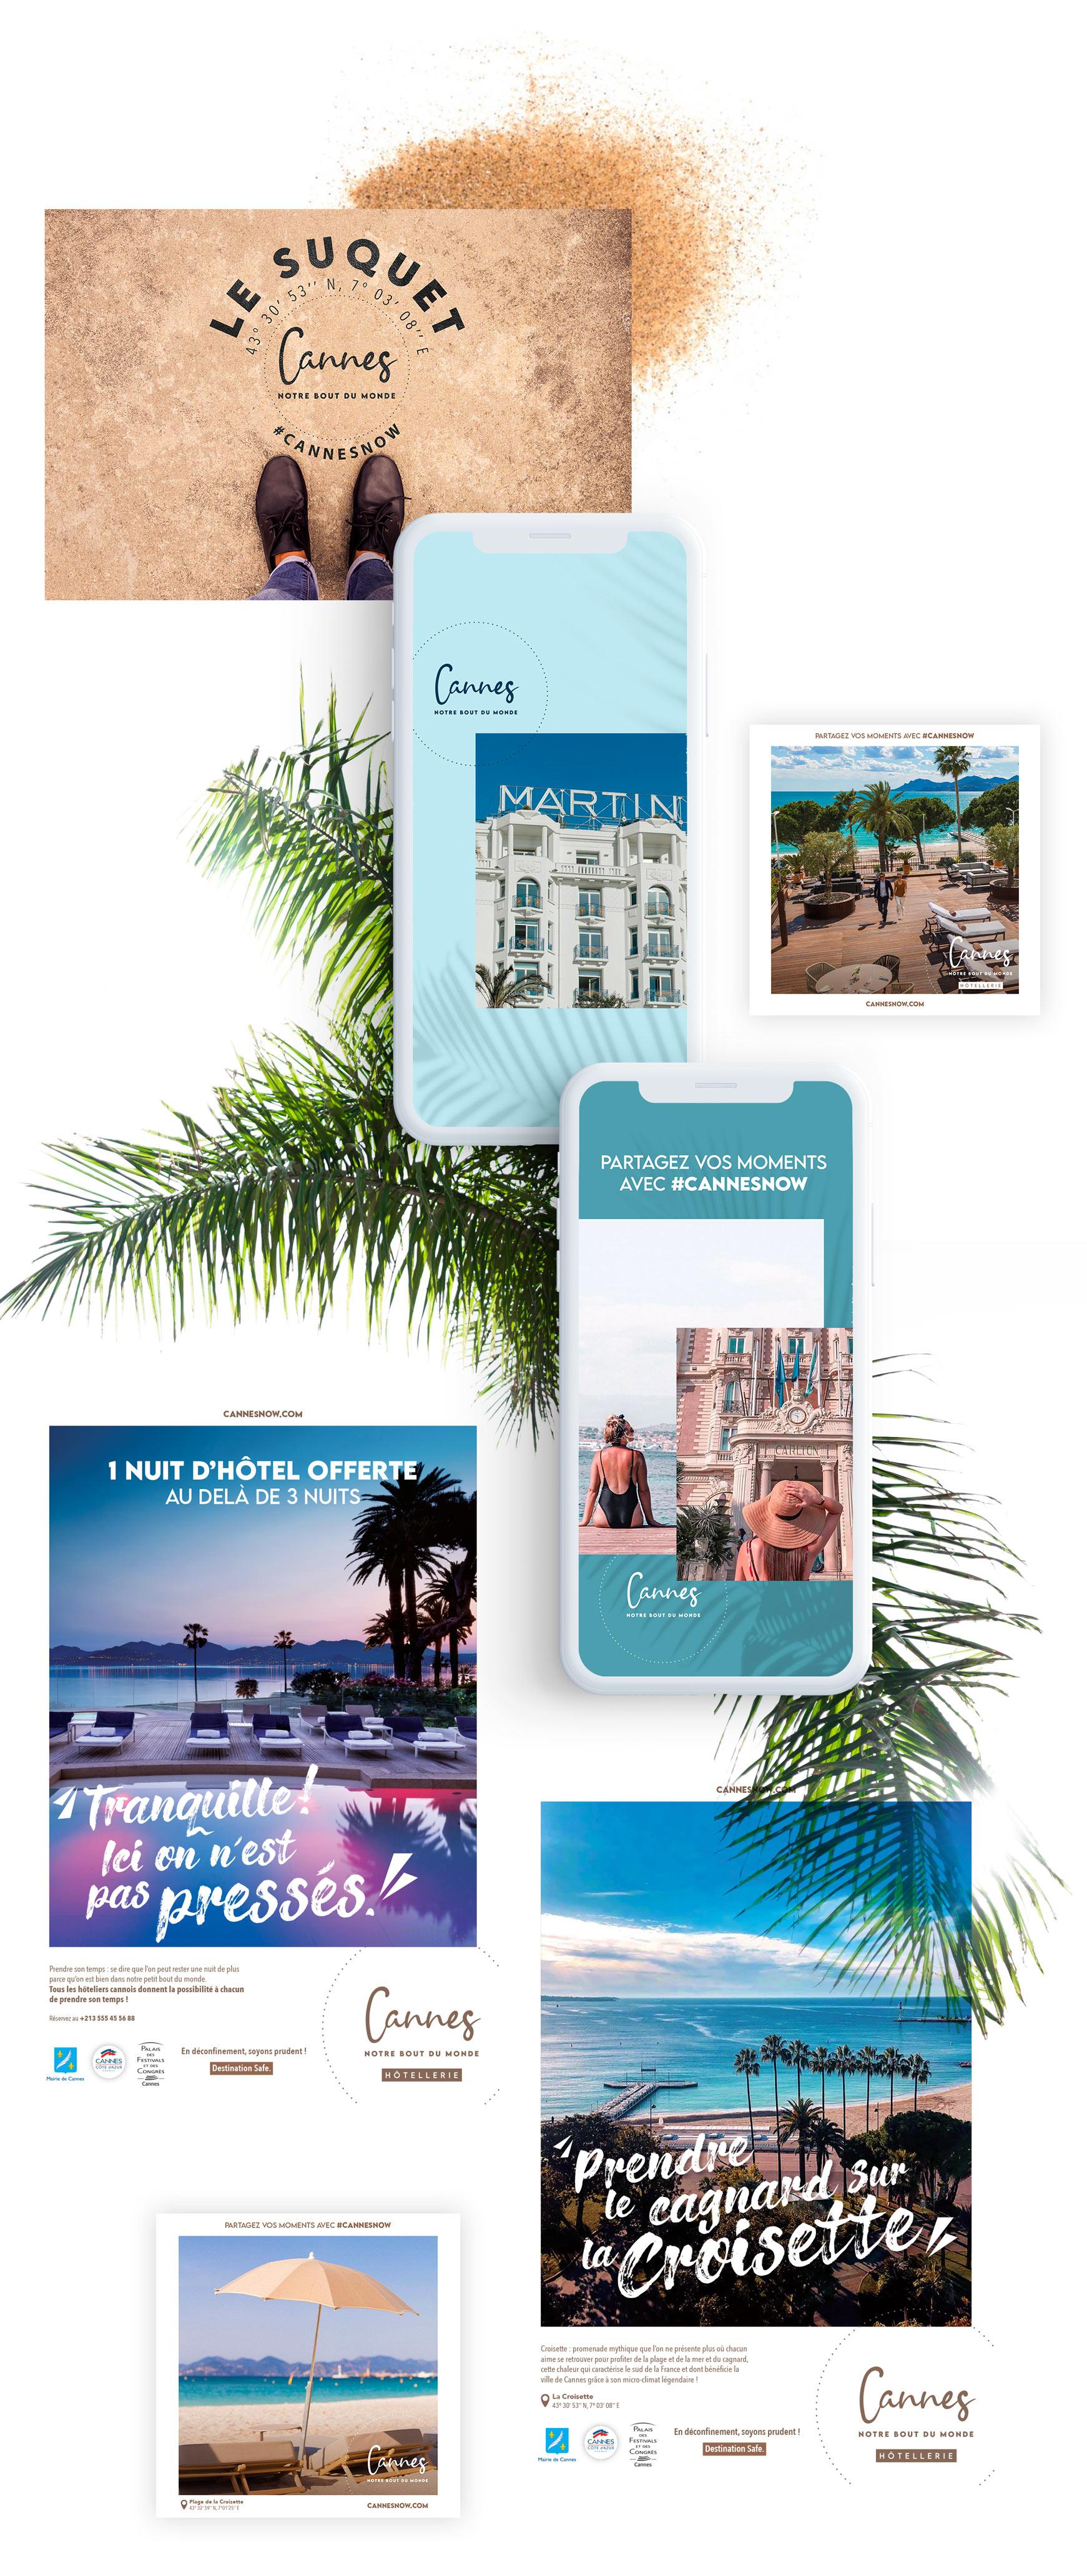 Campagne 360 pour la Ville de Cannes par tequilarapido